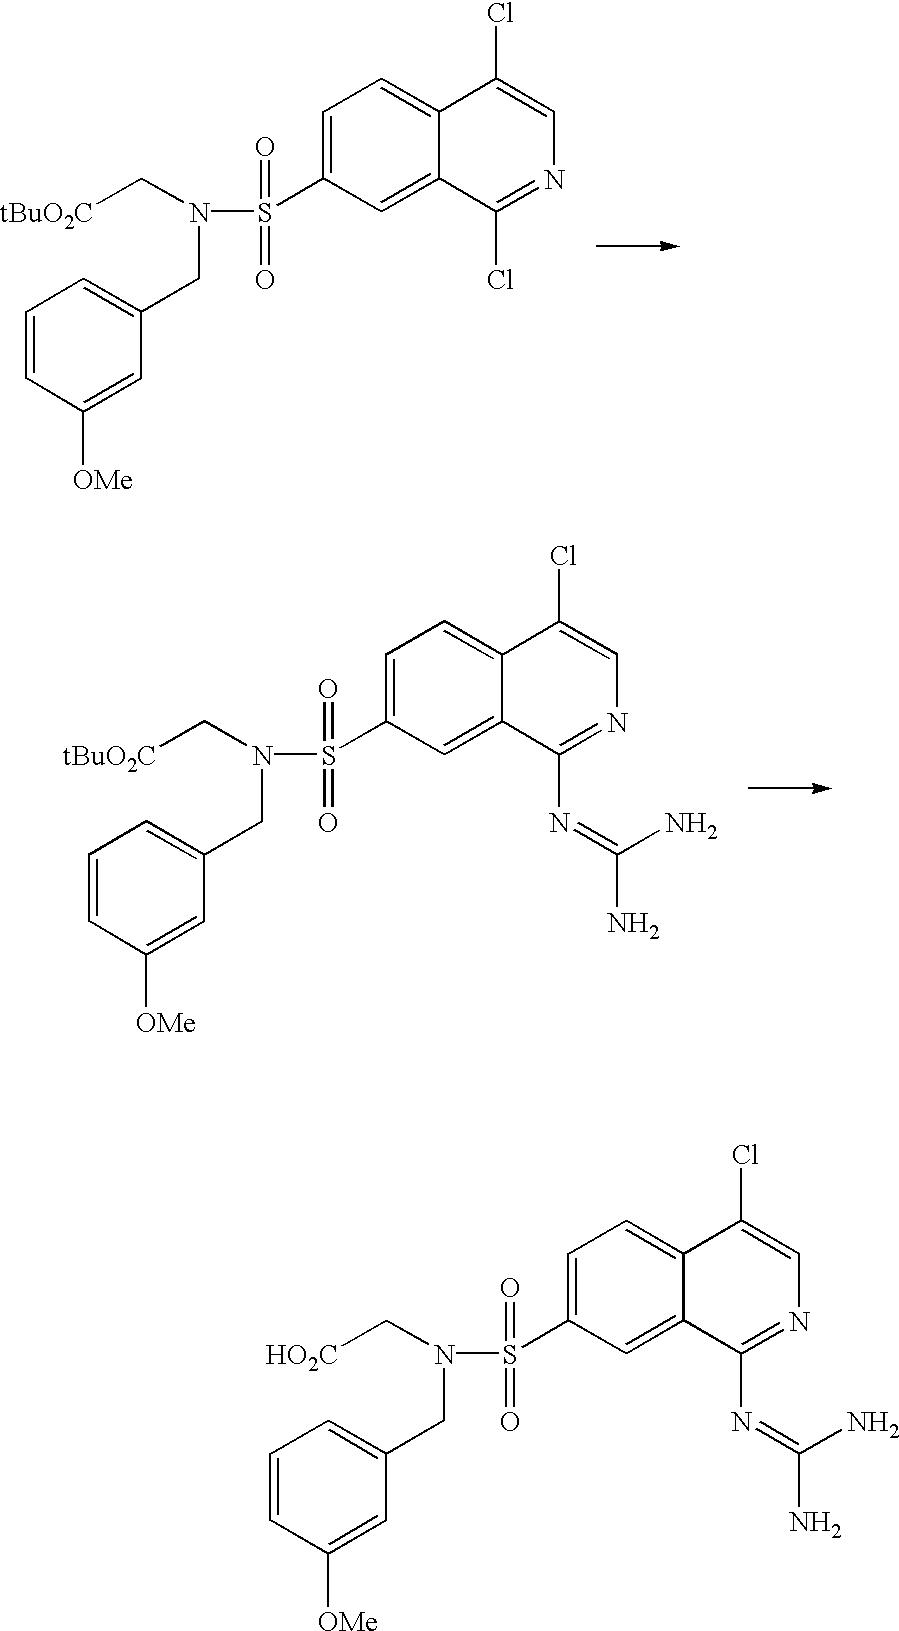 Figure US20030199440A1-20031023-C00047